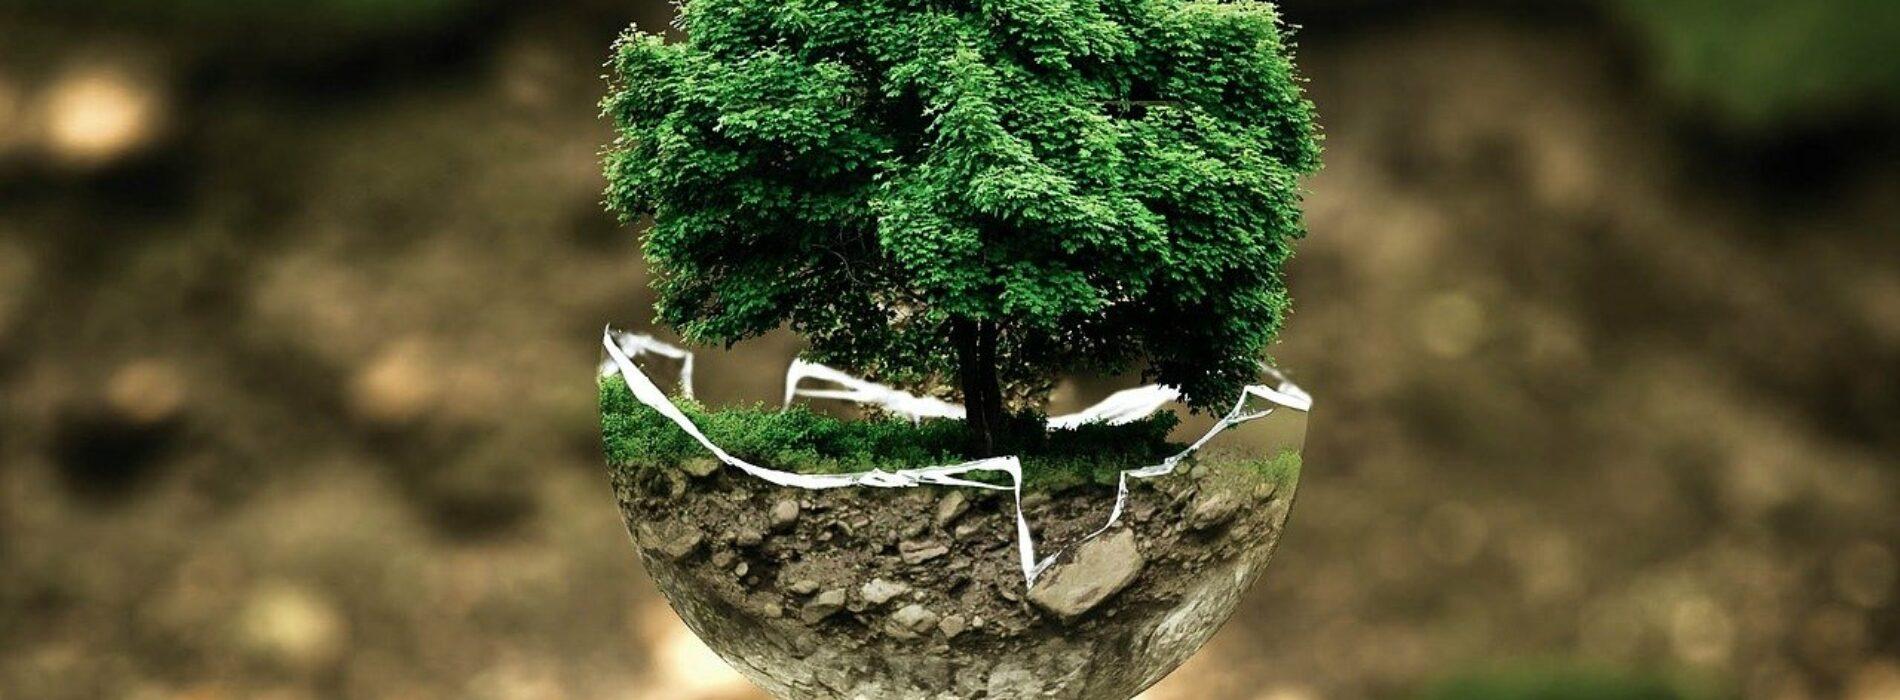 Prawie połowa Polaków chce żyć bardziej ekologicznie, nawet jeśli oznacza to wyrzeczenia